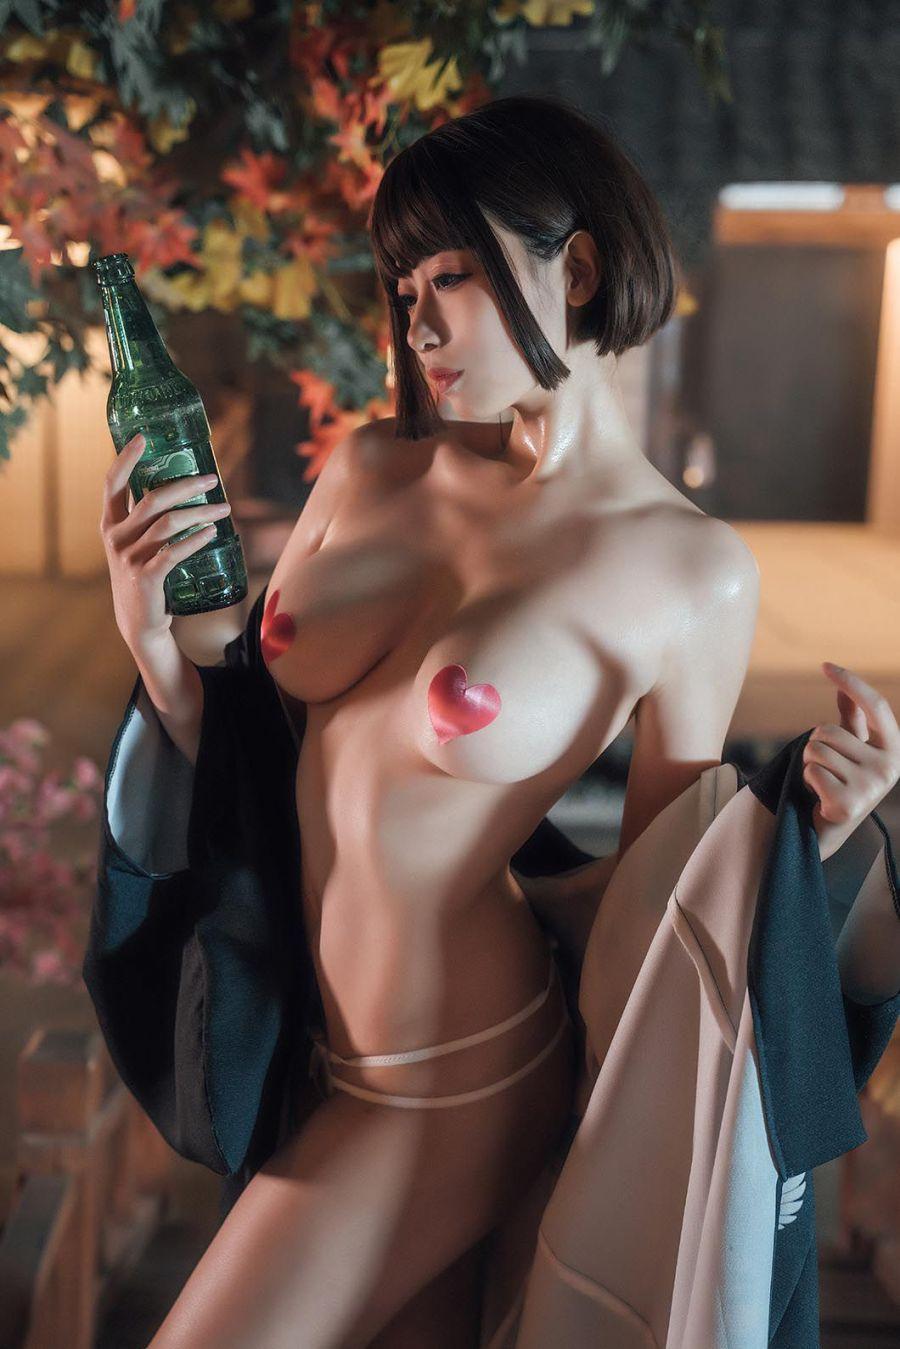 妖艳火辣的日本老板娘裸身美乳诱惑